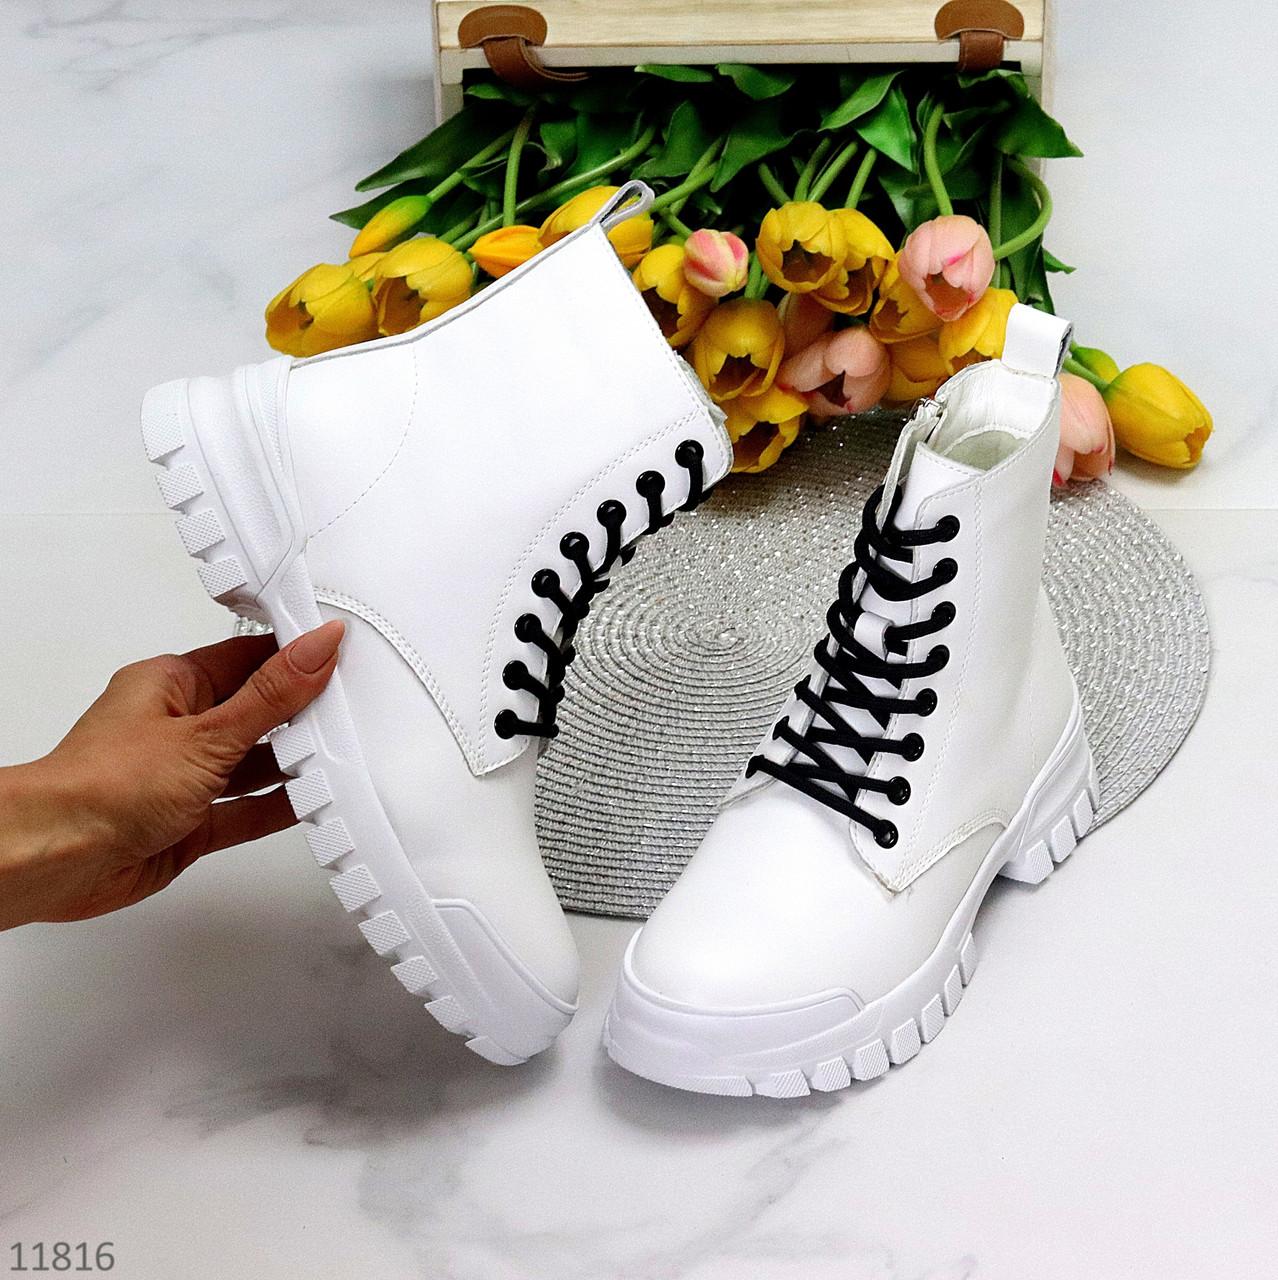 Молодіжні шкіряні білі жіночі чоботи натуральна шкіра на чорній шнурівці